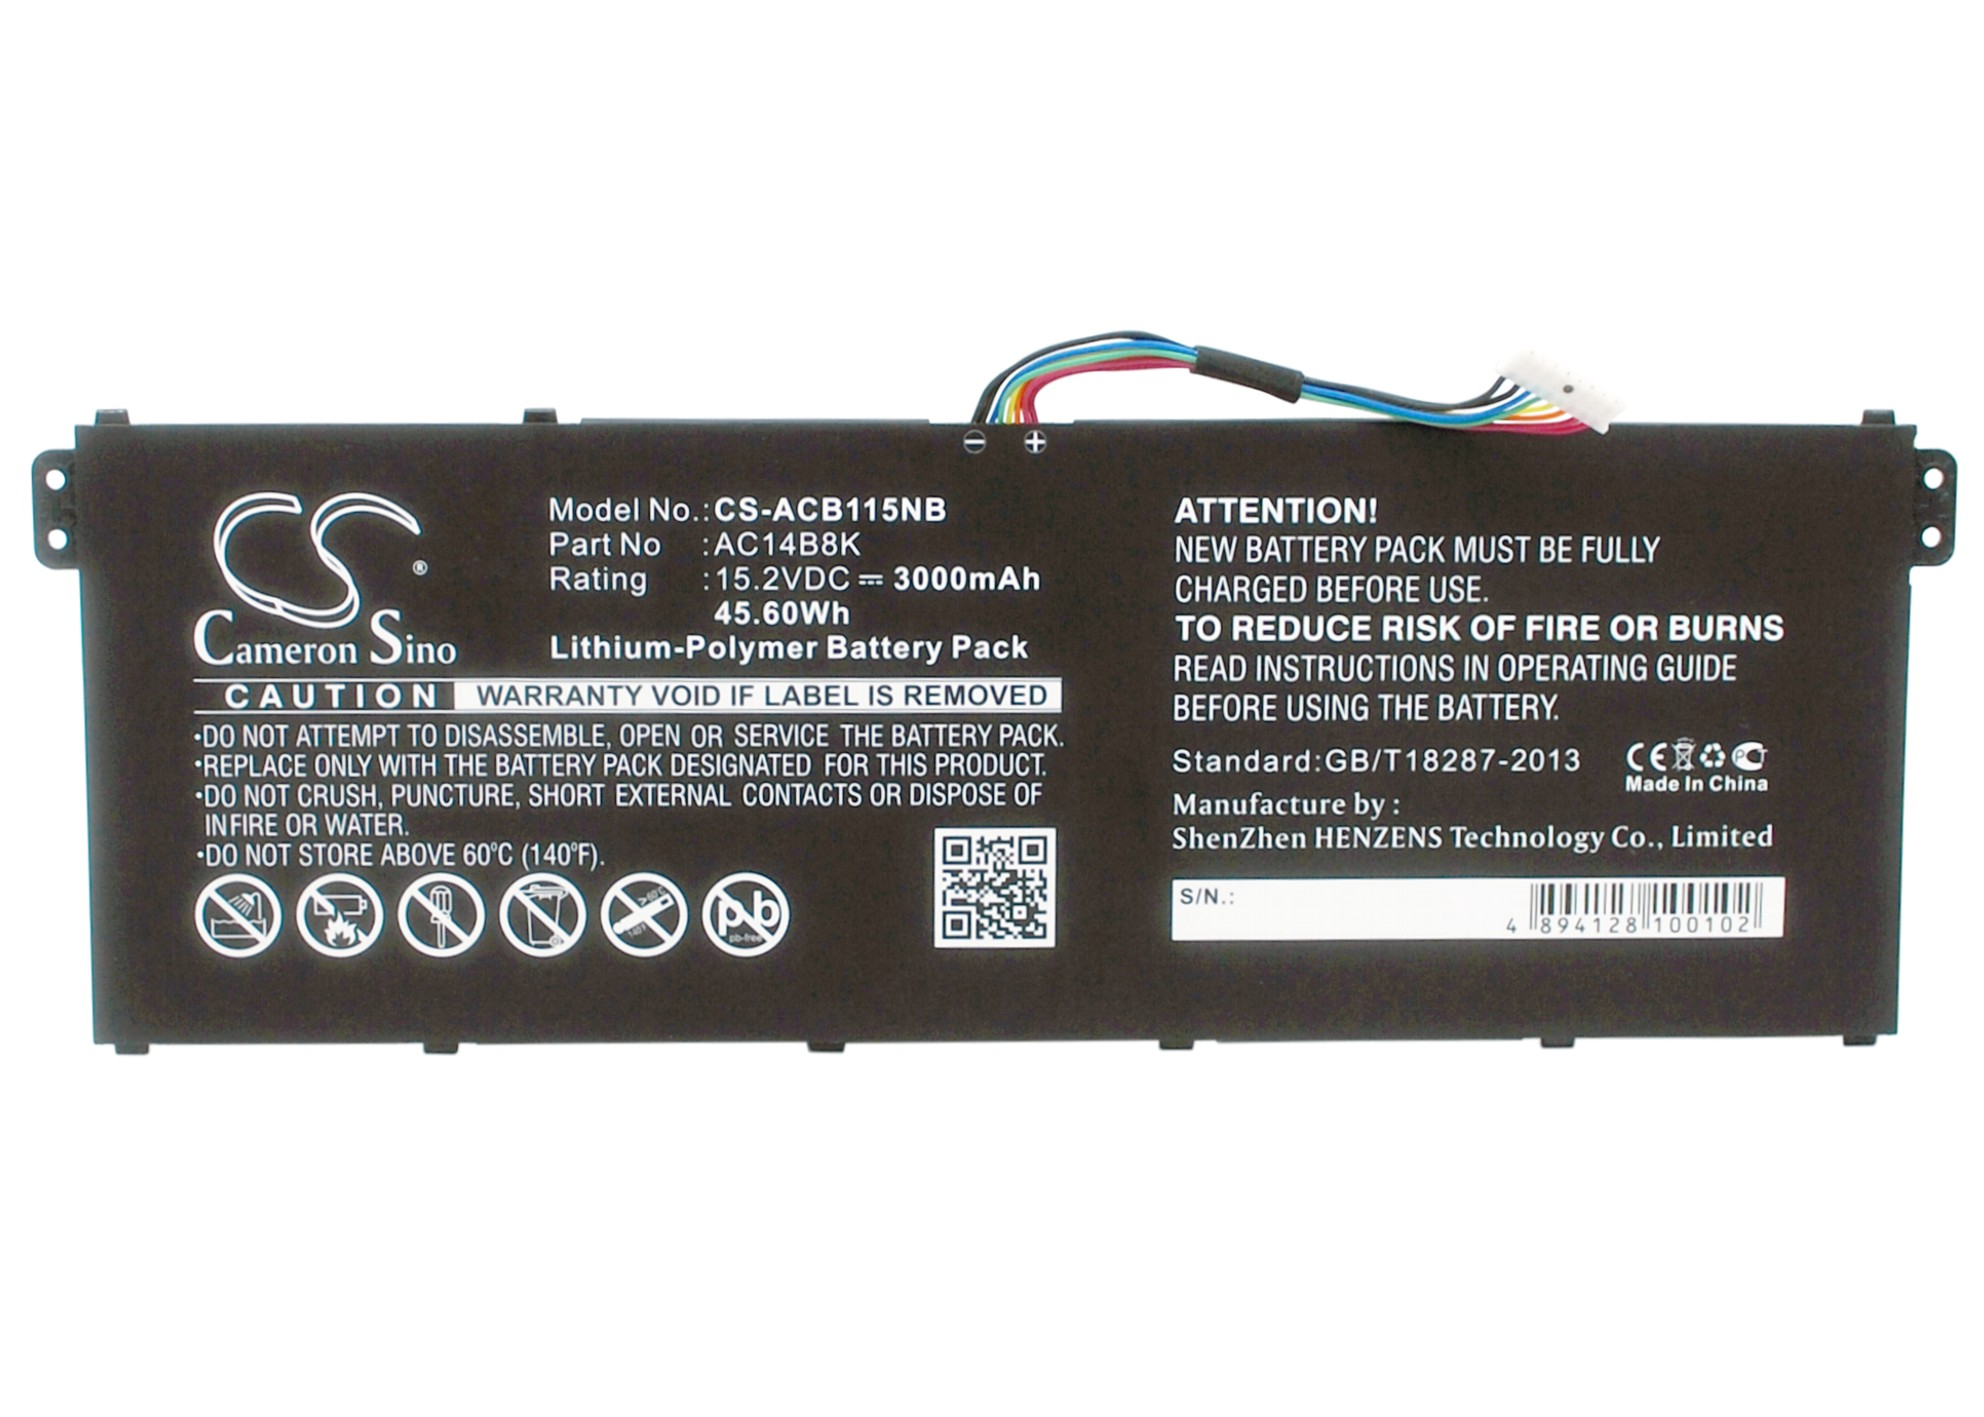 Cameron Sino baterie do notebooků pro ACER Aspire E3-111 15.2V Li-Polymer 3000mAh černá - neoriginální